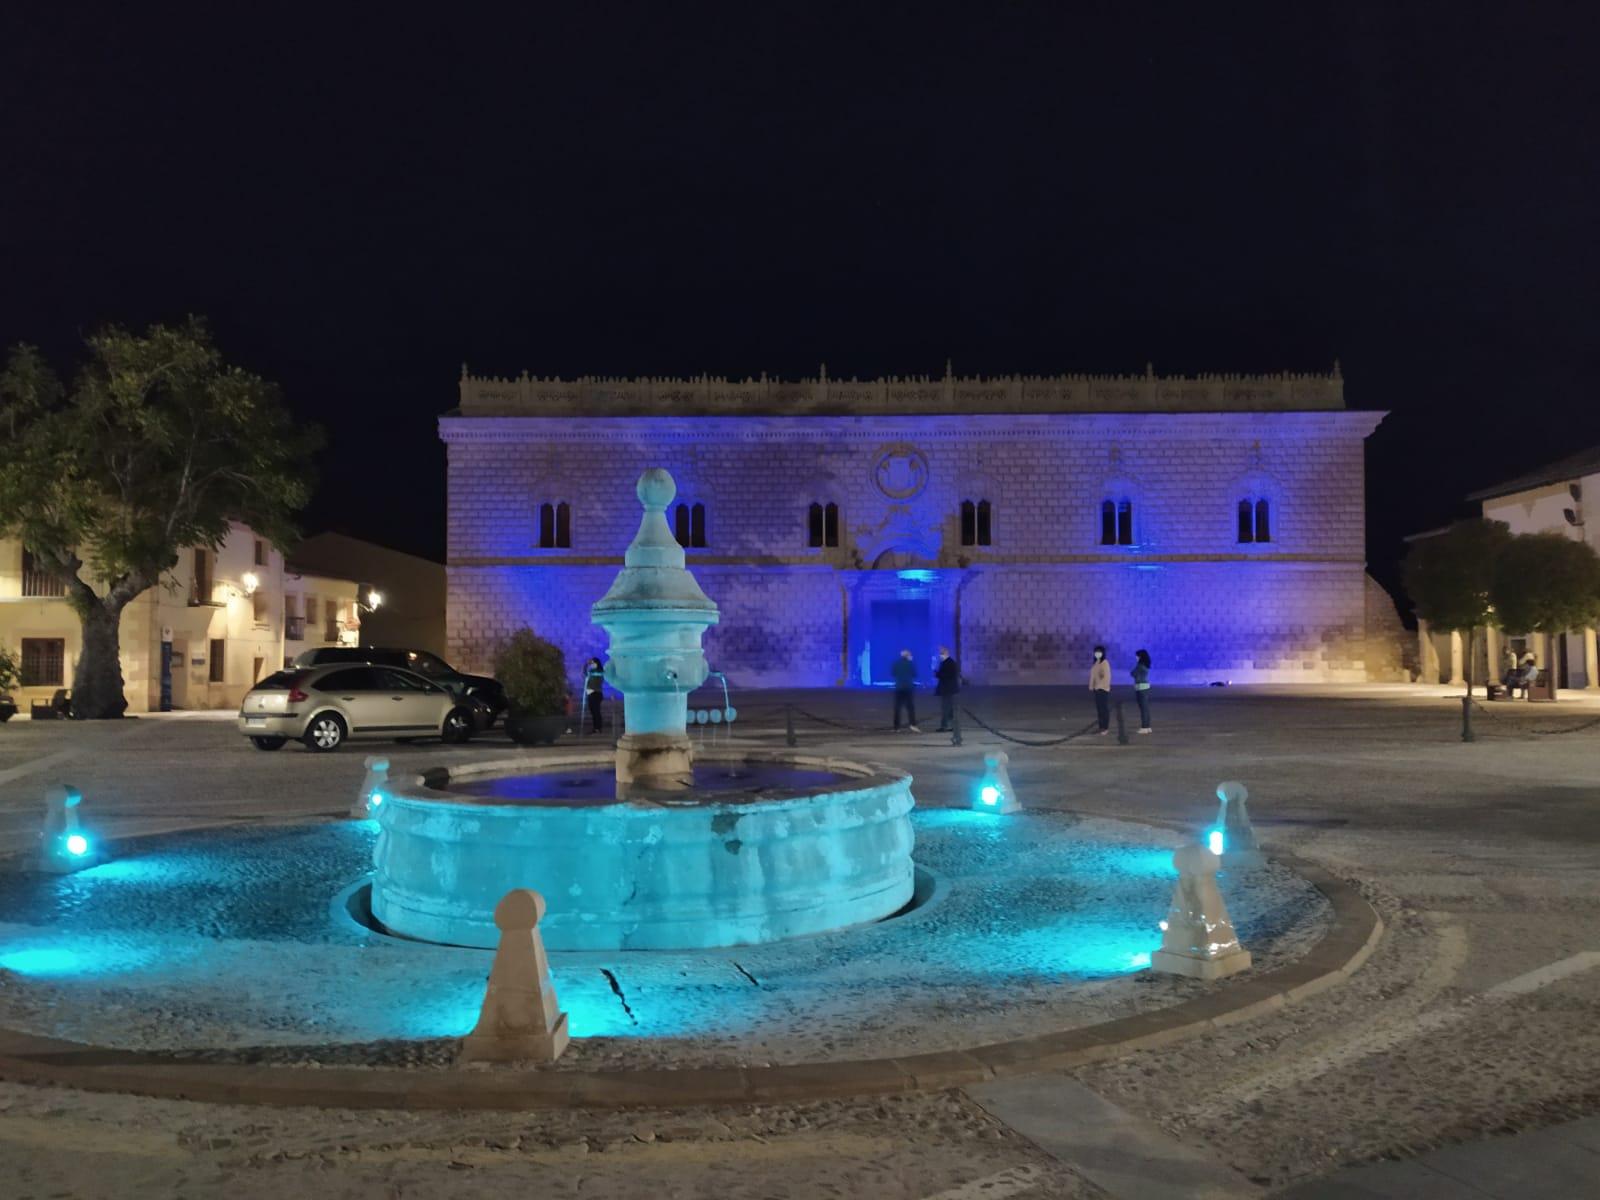 Cogolludo se sumó a #UnidosPorLaDislexia iluminando de azul su Palacio y fuente